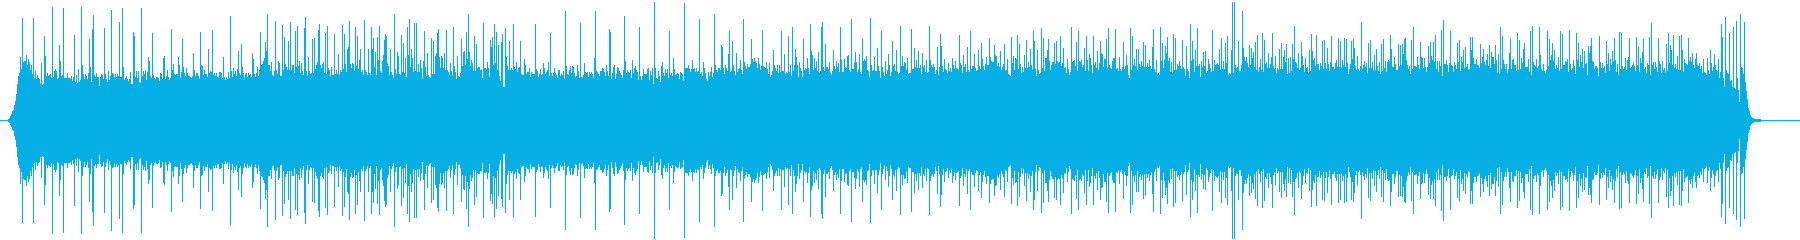 ピアノが印象的なシンセオーケストラ楽曲の再生済みの波形